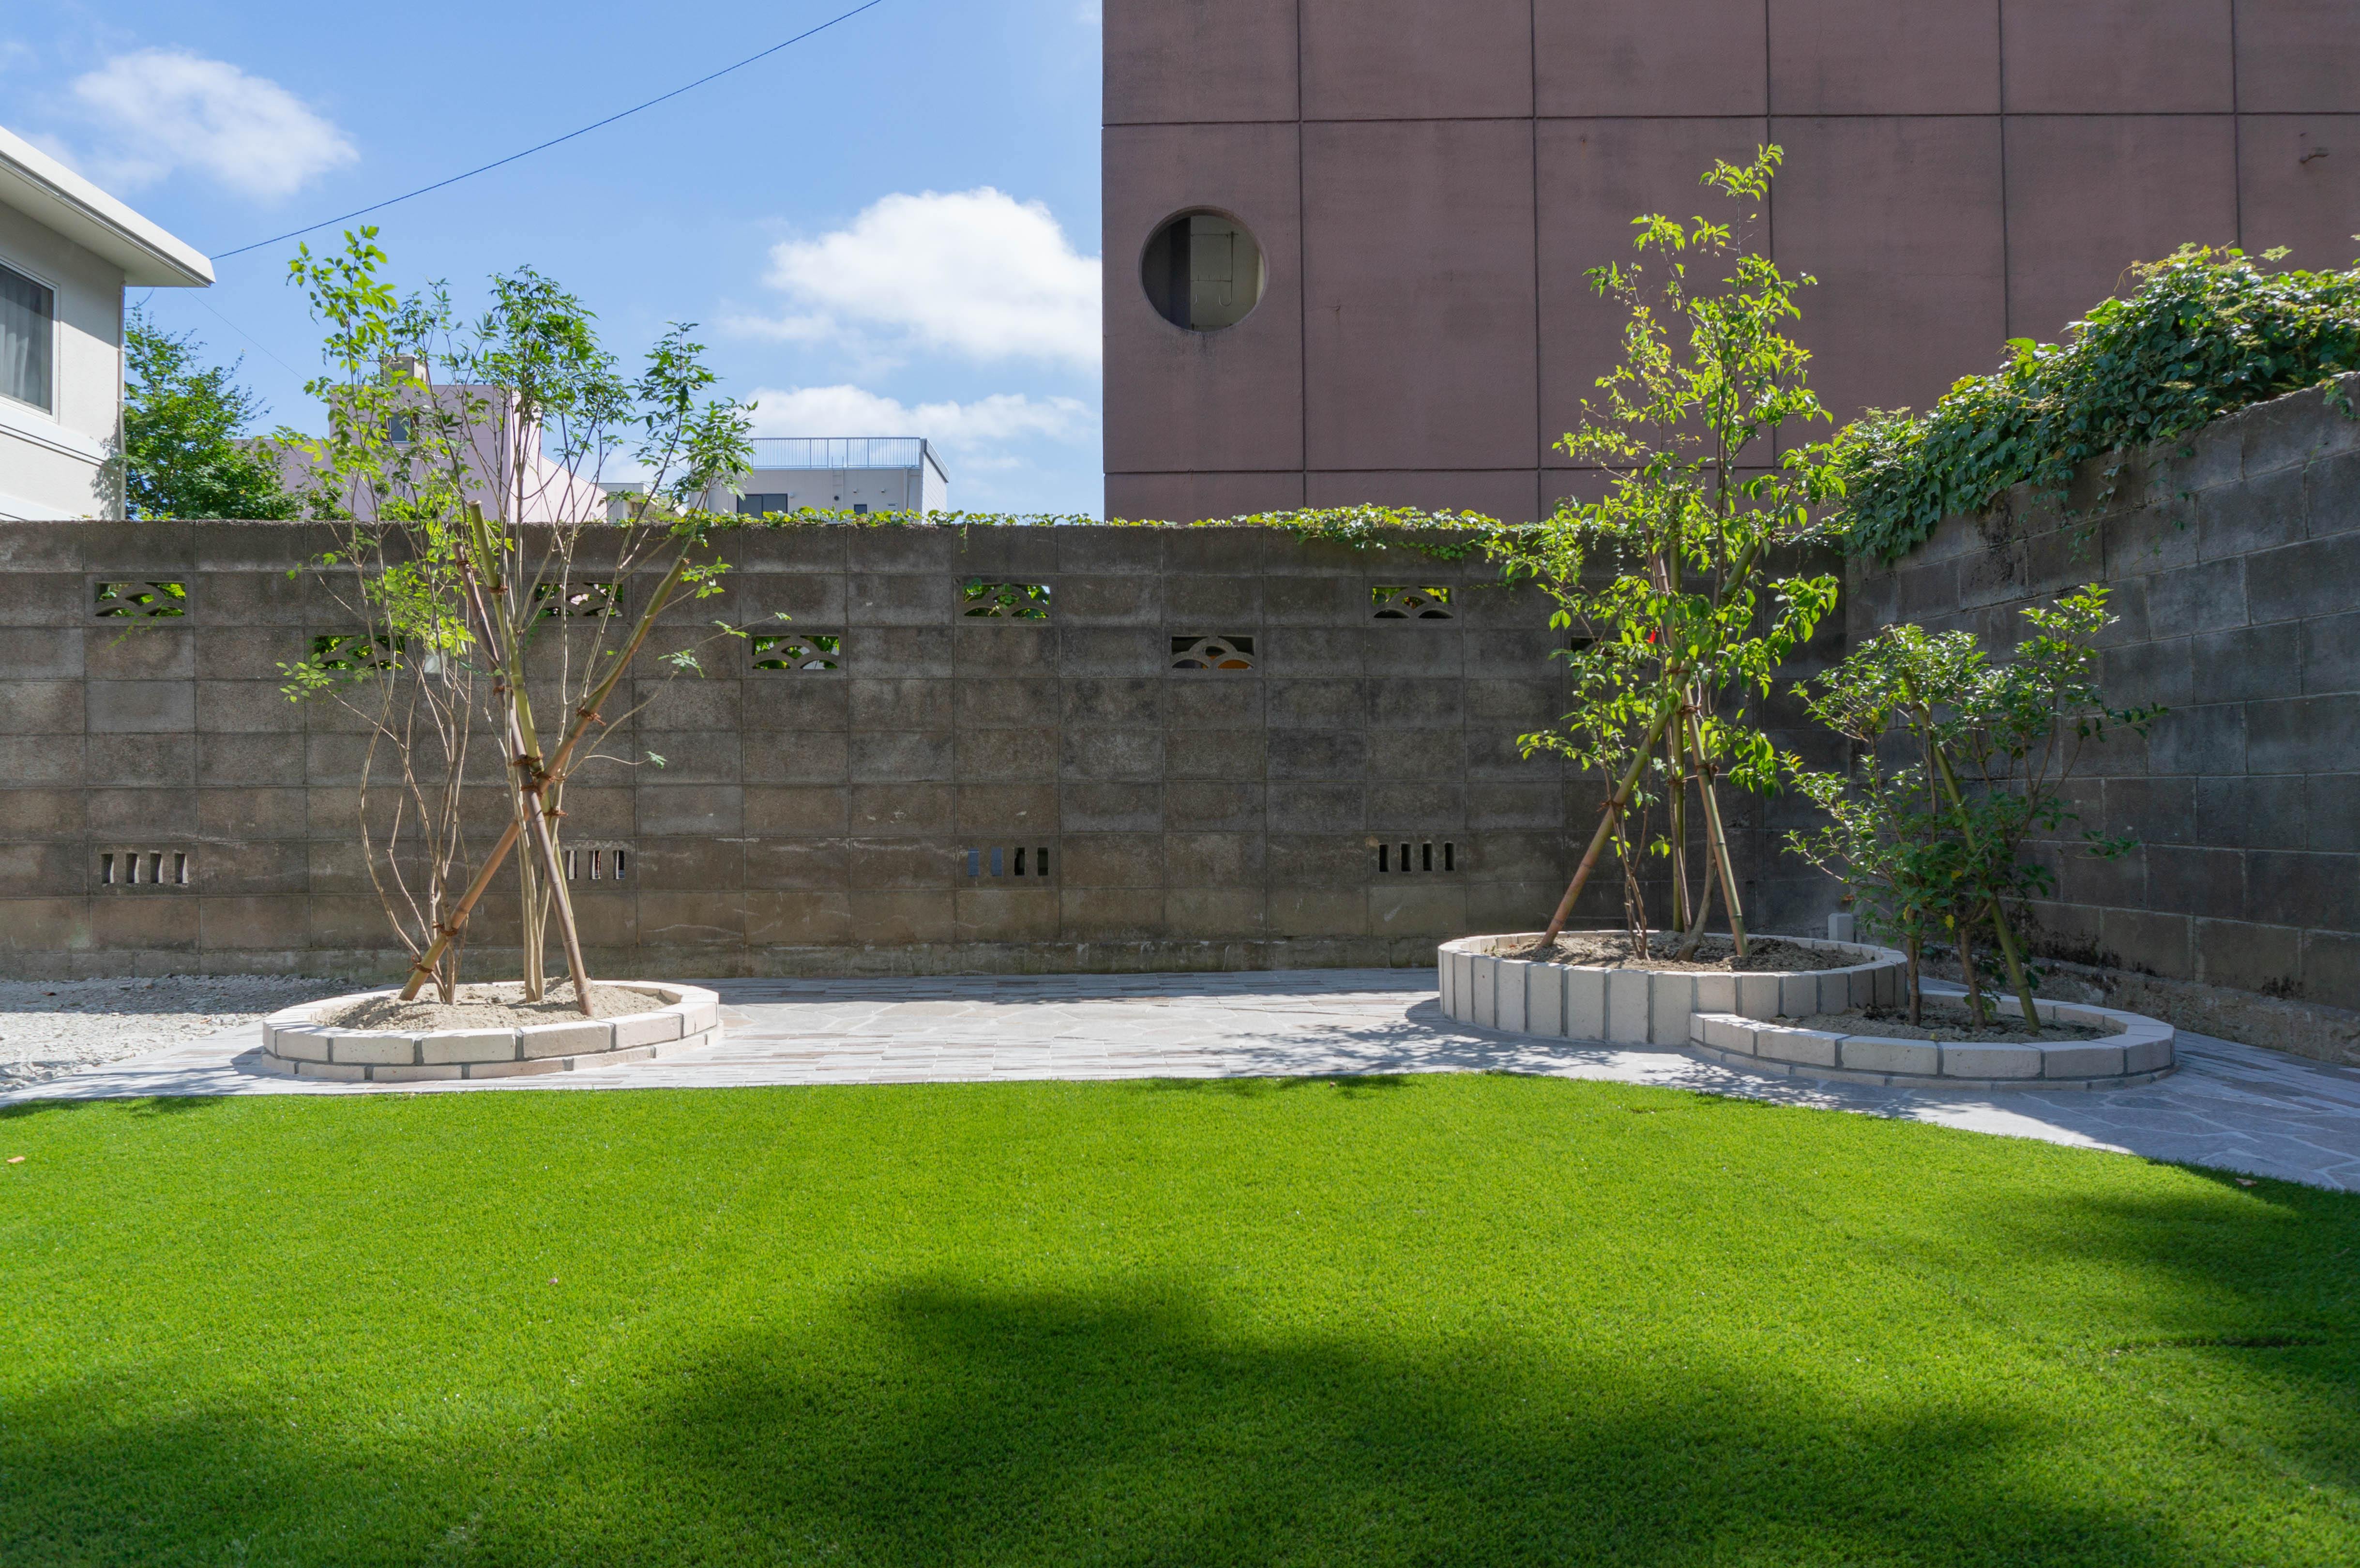 テラスからの長めです。人工芝の緑が美しいです